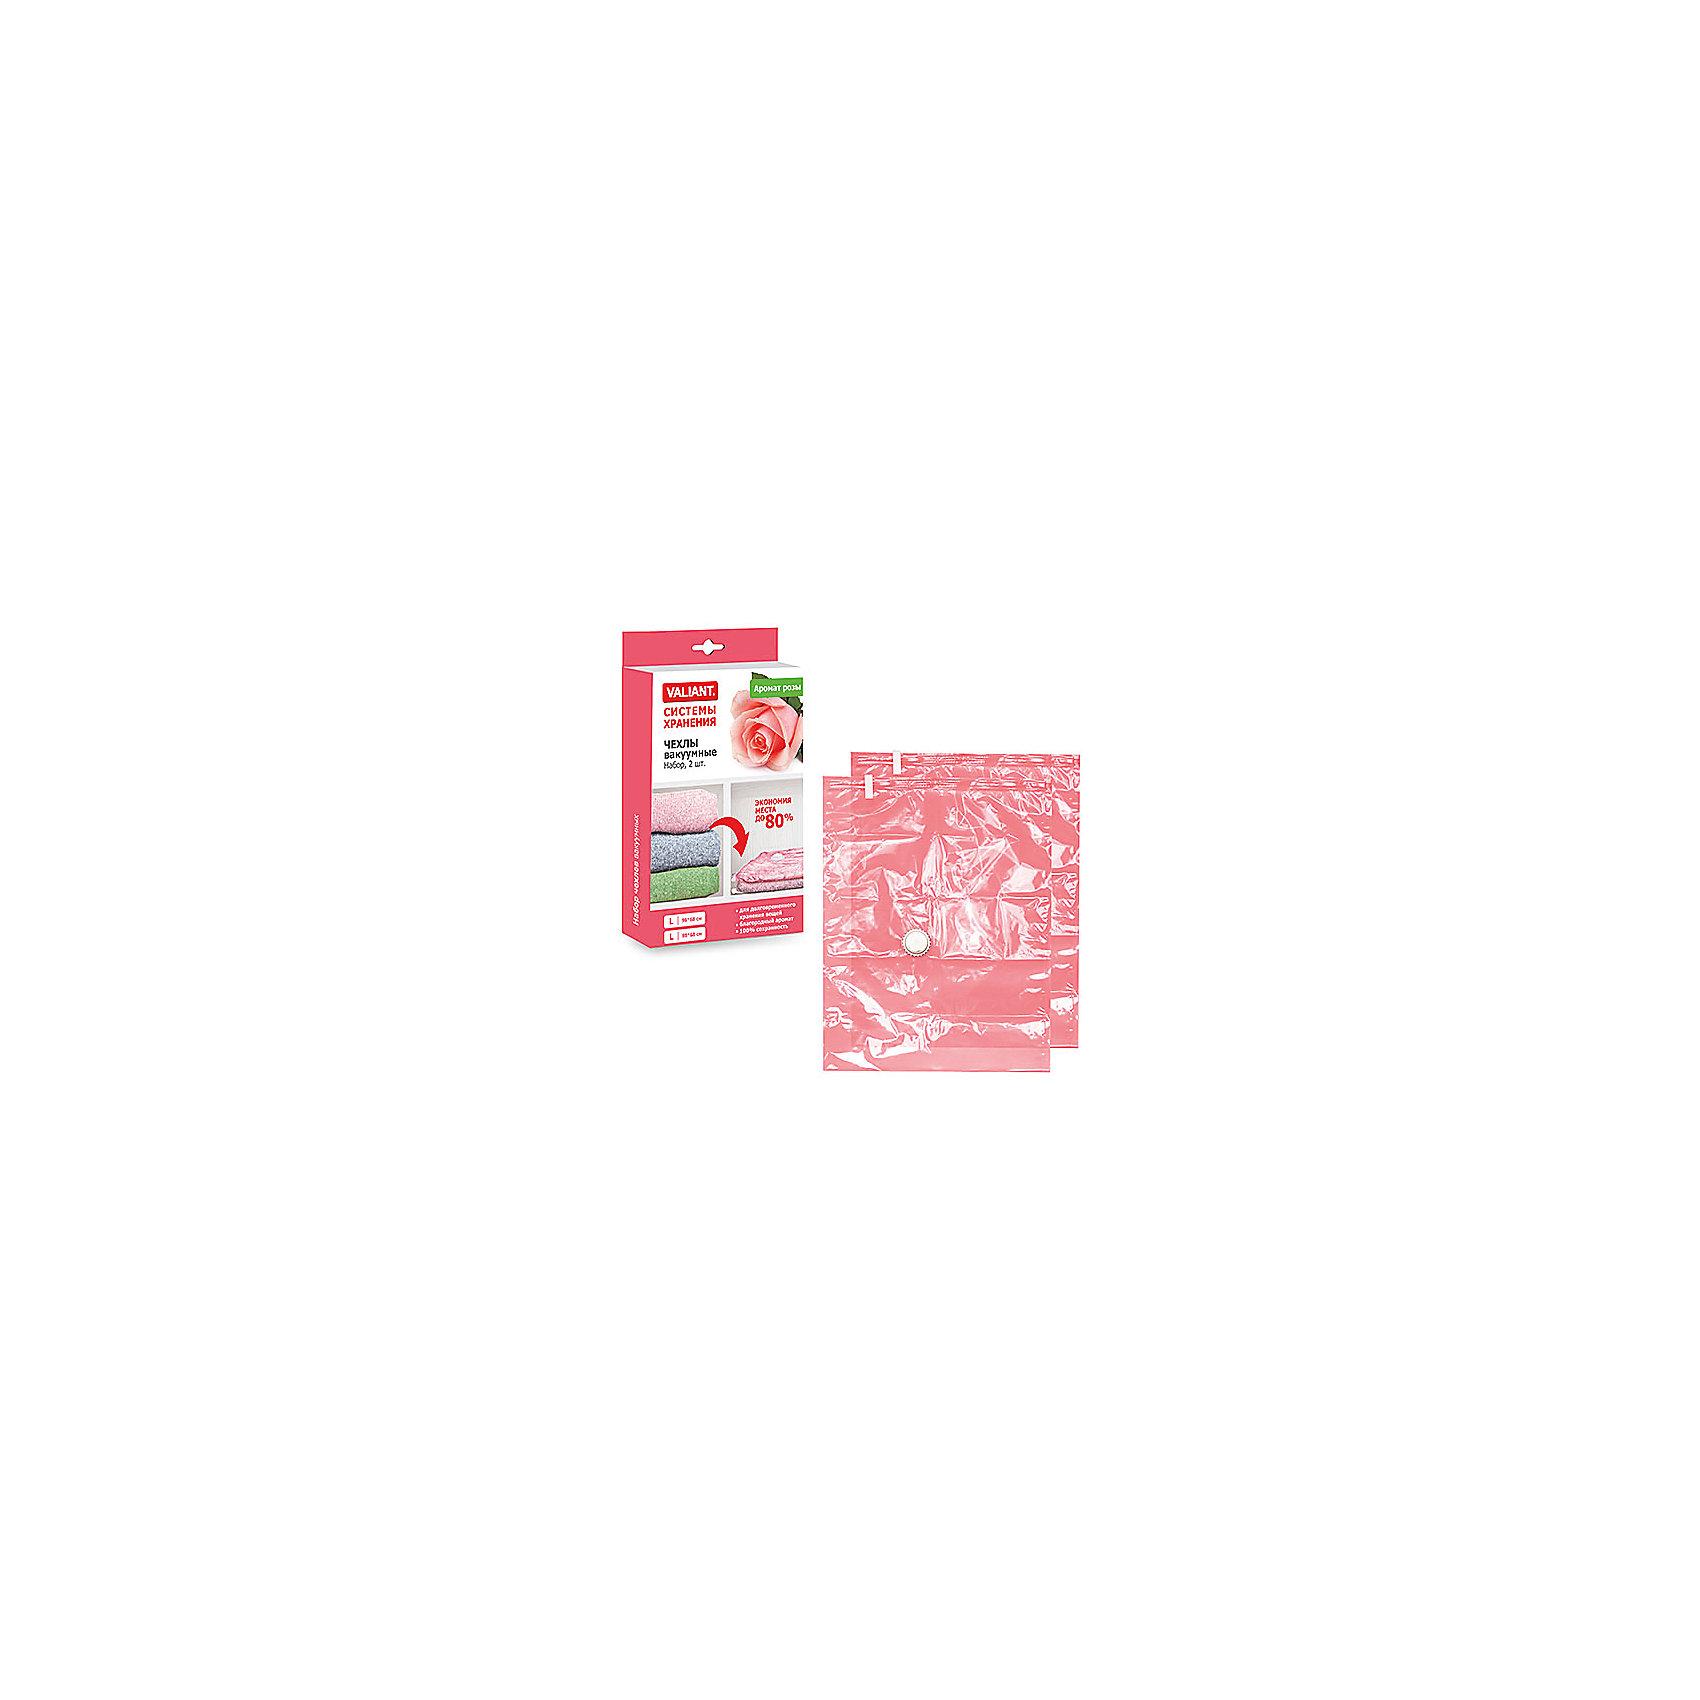 Набор цветных чехлов с клапаном для вакуумного хранения, 2 шт.,98*68 см, розы, ValiantПорядок в детской<br>Набор цветных чехлов с клапаном для вакуумного хранения, 2 шт.,98*68 см, розы, Valiant (Валиант)<br>Ароматизированные вакуумные чехлы с клапаном от Valiant (Валиант) разработаны специально для долговременного хранения и перевозки постельного белья, одежды, зимних вещей. Они отлично защитят ваши вещи от пыли, пятен, плесени, моли и других насекомых, а также от обесцвечивания и бактерий, и помогут надолго сохранить их безупречный вид. Чехлы обладают уникальной особенностью - они оформлены фирменным эксклюзивным рисунком и имеют благородный аромат розы, поэтому ваши вещи будут приятно пахнуть даже после длительного хранения. Чехлы изготовлены из полиэтилена высокой плотности: толщина плёнки – 0,8 микрометров. Упаковывать вещи в вакуумные чехлы можно с помощью пылесоса или портативного насоса. Вещи сжимаются в объеме на 80%, полностью сохраняя свое качество.<br><br>Дополнительная информация:<br><br>- В комплекте: 2 шт<br>- Размер: 98х68 см.<br>- Отверстие клапана: 2,7 см.<br>- Материал: полиэтилен<br>- Закрываются на замок zip-lock<br>- Не подходят для изделий из меха и кожи<br><br>Набор цветных чехлов с клапаном для вакуумного хранения, 2 шт.,98*68 см, розы, Valiant (Валиант) можно купить в нашем интернет-магазине.<br><br>Ширина мм: 180<br>Глубина мм: 50<br>Высота мм: 295<br>Вес г: 140<br>Возраст от месяцев: 36<br>Возраст до месяцев: 1080<br>Пол: Унисекс<br>Возраст: Детский<br>SKU: 4993454